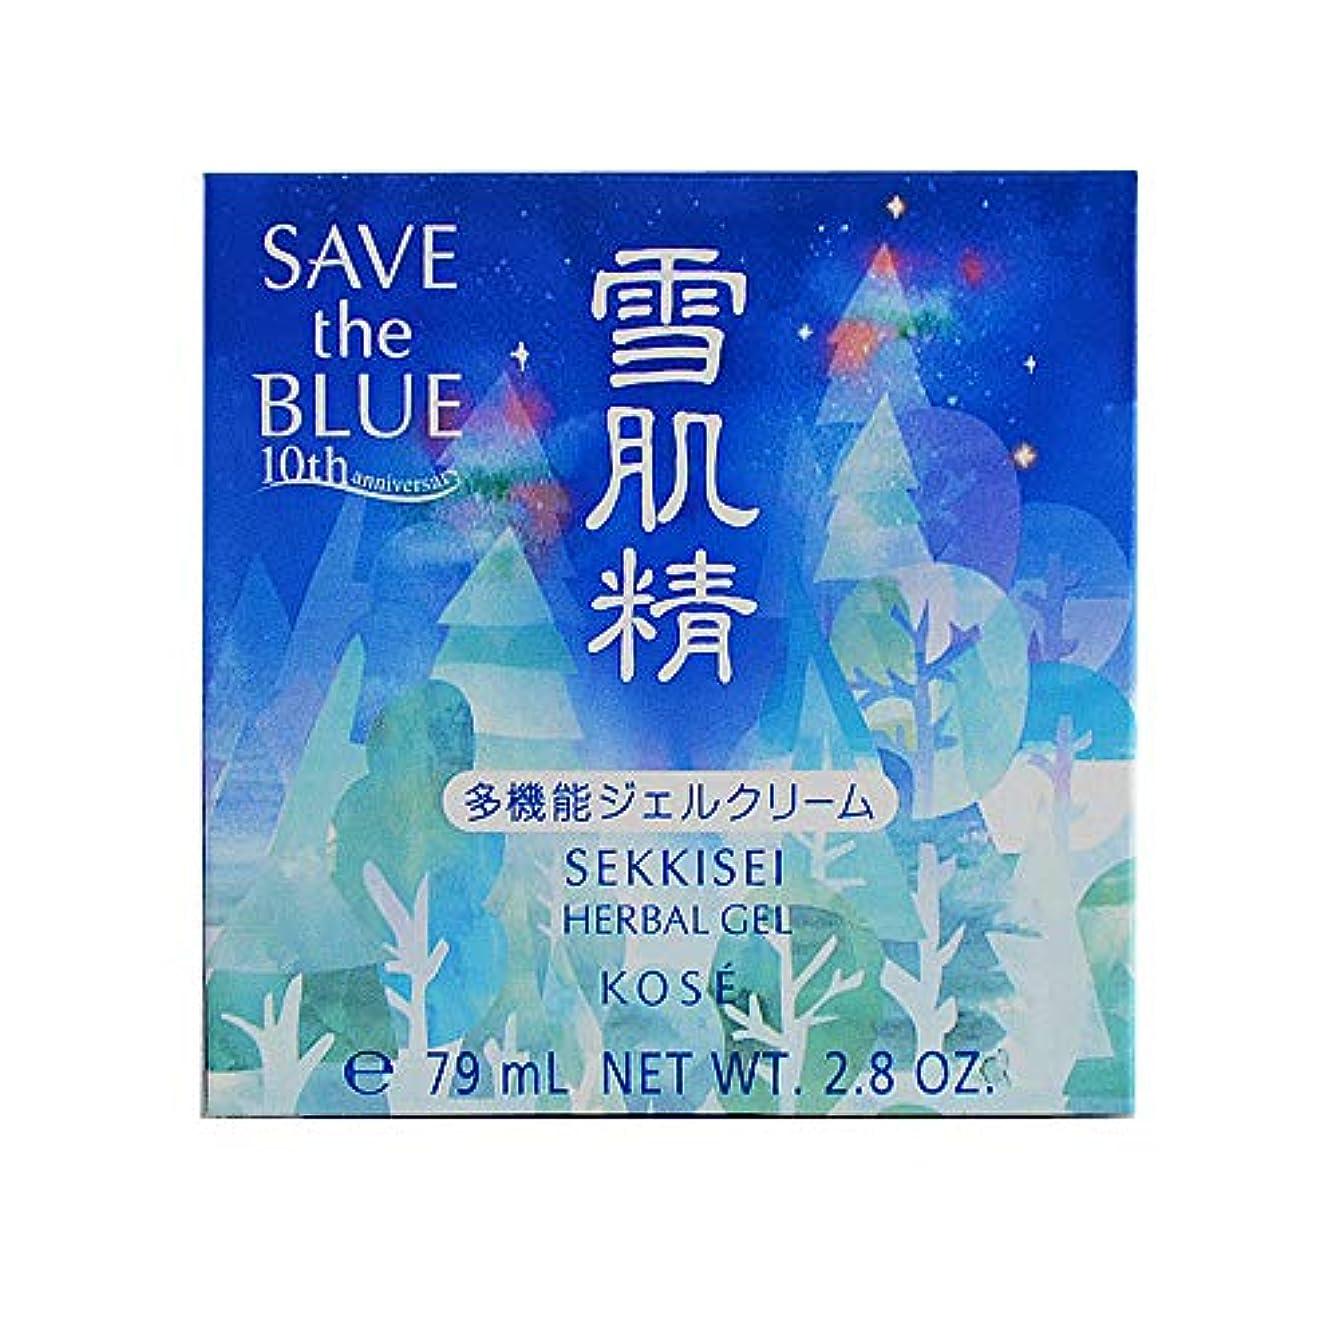 脊椎小道八百屋コーセー 雪肌精 ハーバルジェル 80g (SAVE the BLUE) [ フェイスクリーム ] [並行輸入品]